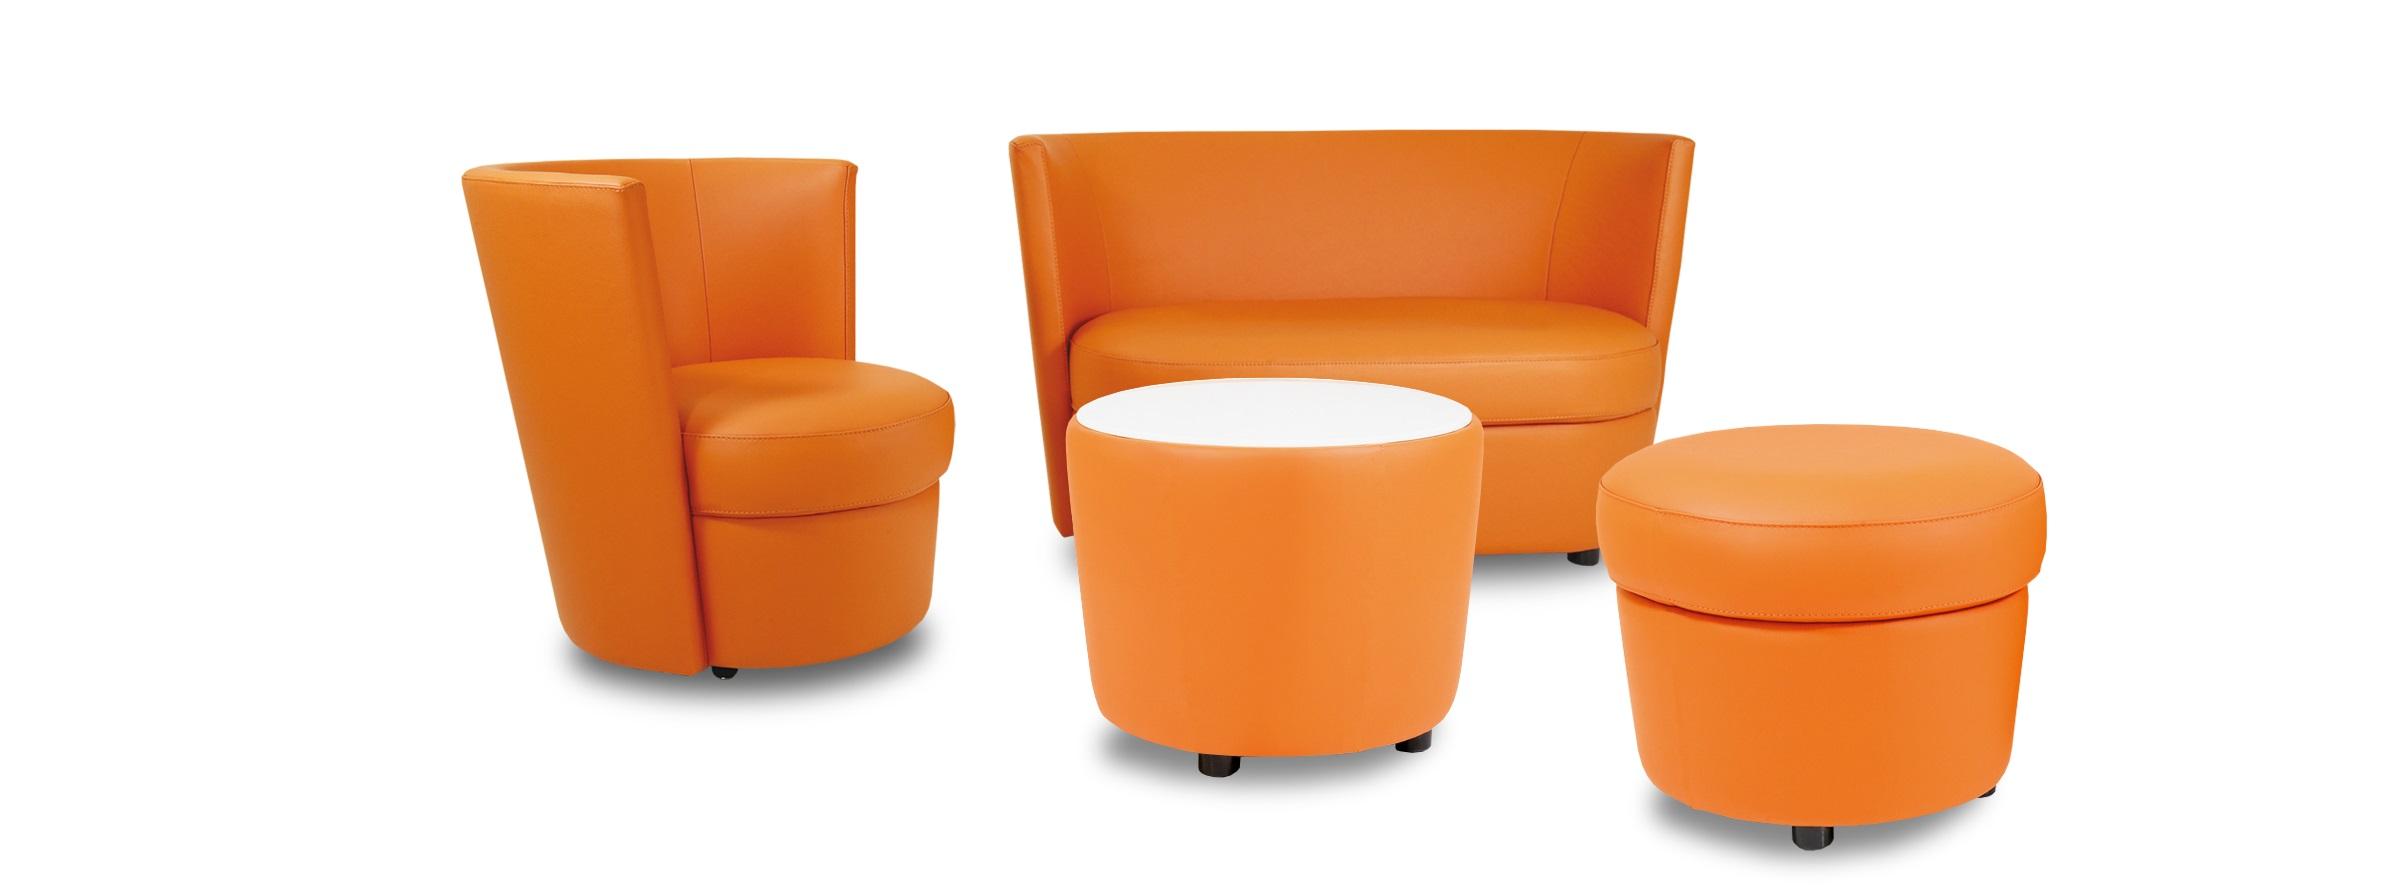 Neology-DISCO-canapé-fauteuil-cuir-pleine-fleur-français-personnalisable